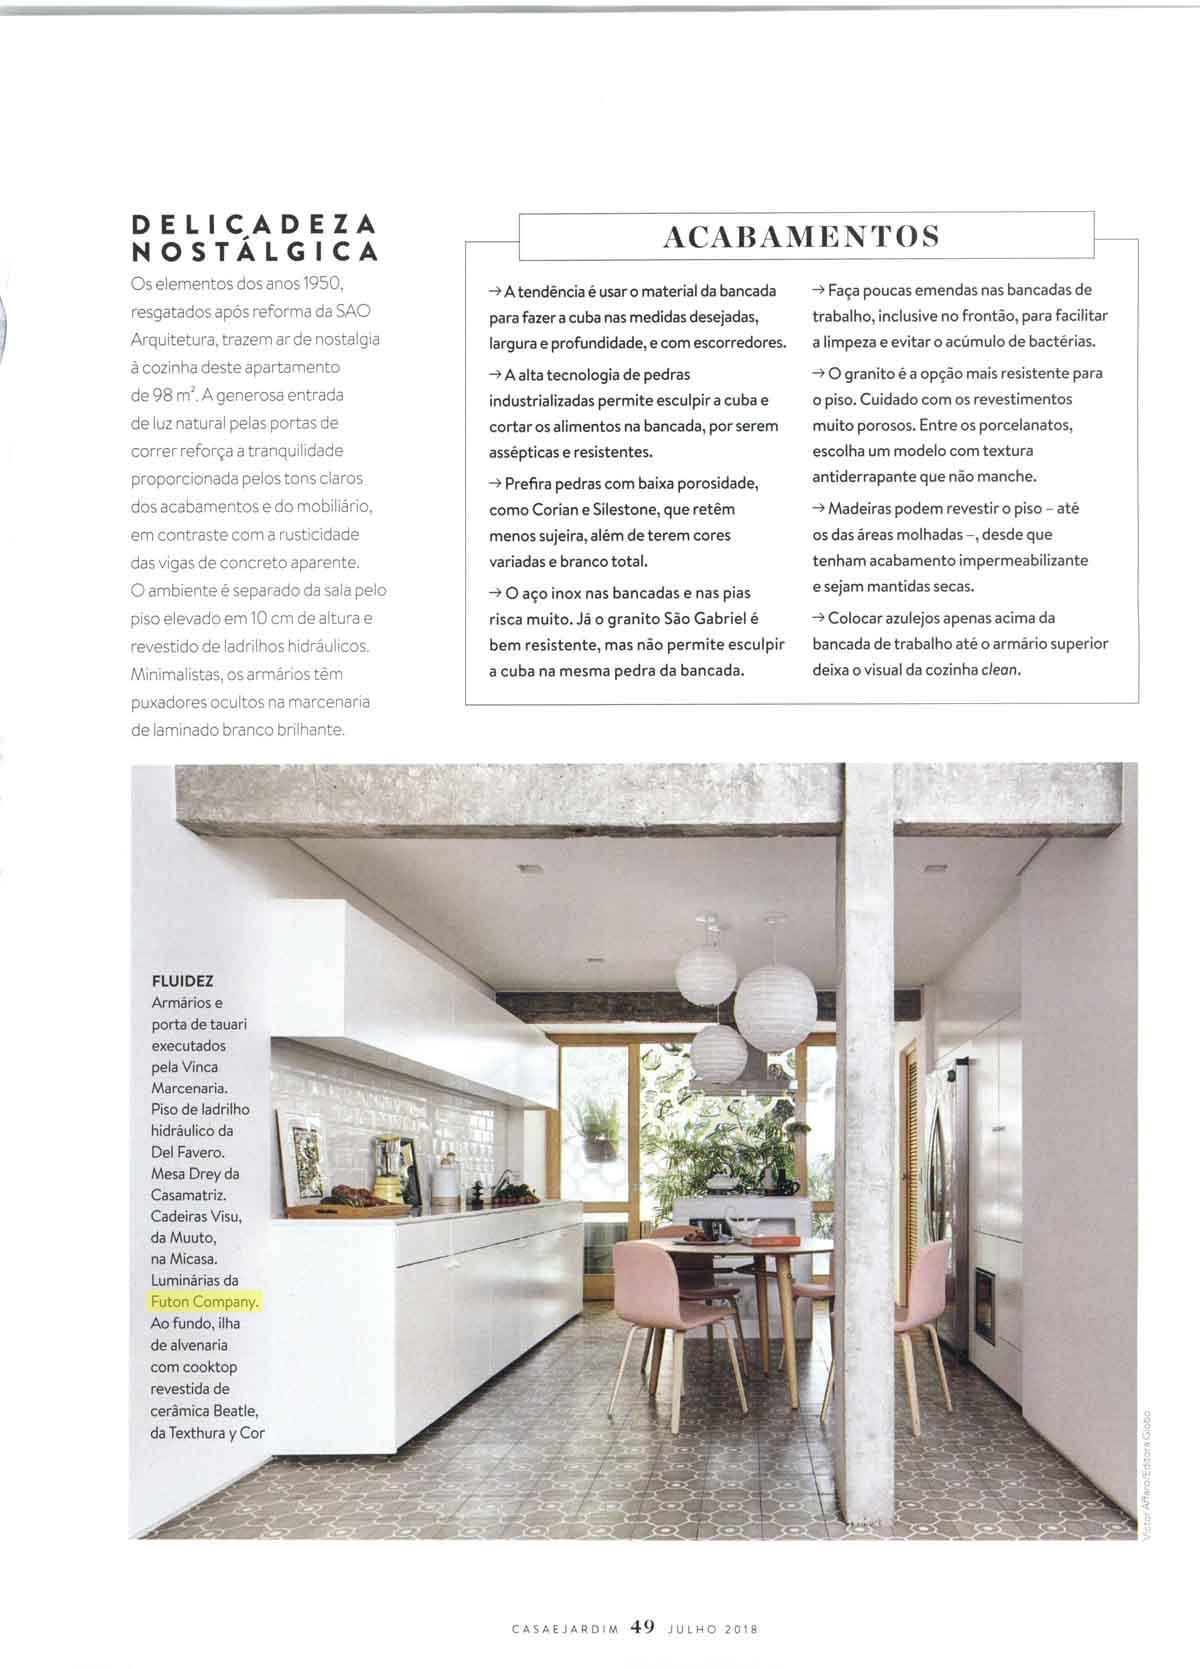 luminaria-folio-esfera-luminaria de papel-Revista Casa e Jardim-julho-2018